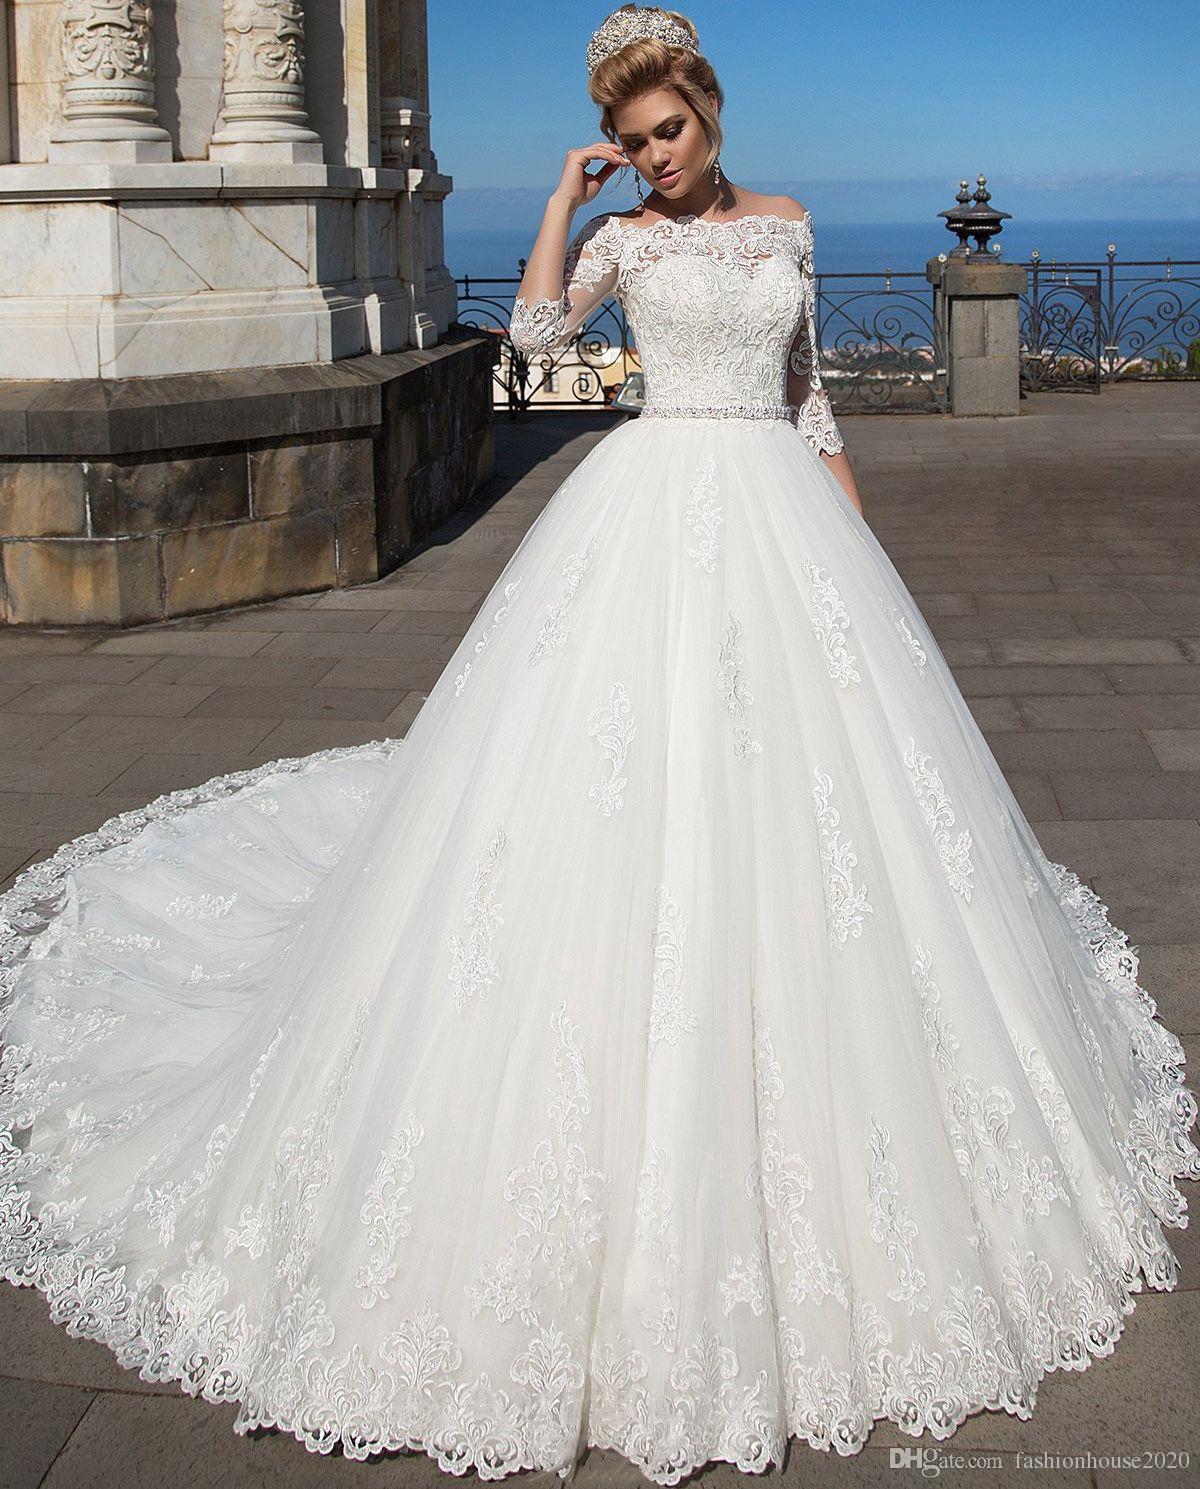 585fa7c84021 Compre 2018 Barato Elegante Encaje Blanco Vestido De Bola Vestidos De Novia  Con Mangas Fuera Del Hombro Princesa Más Tamaño Vestido De Novia Vestidos  De ...